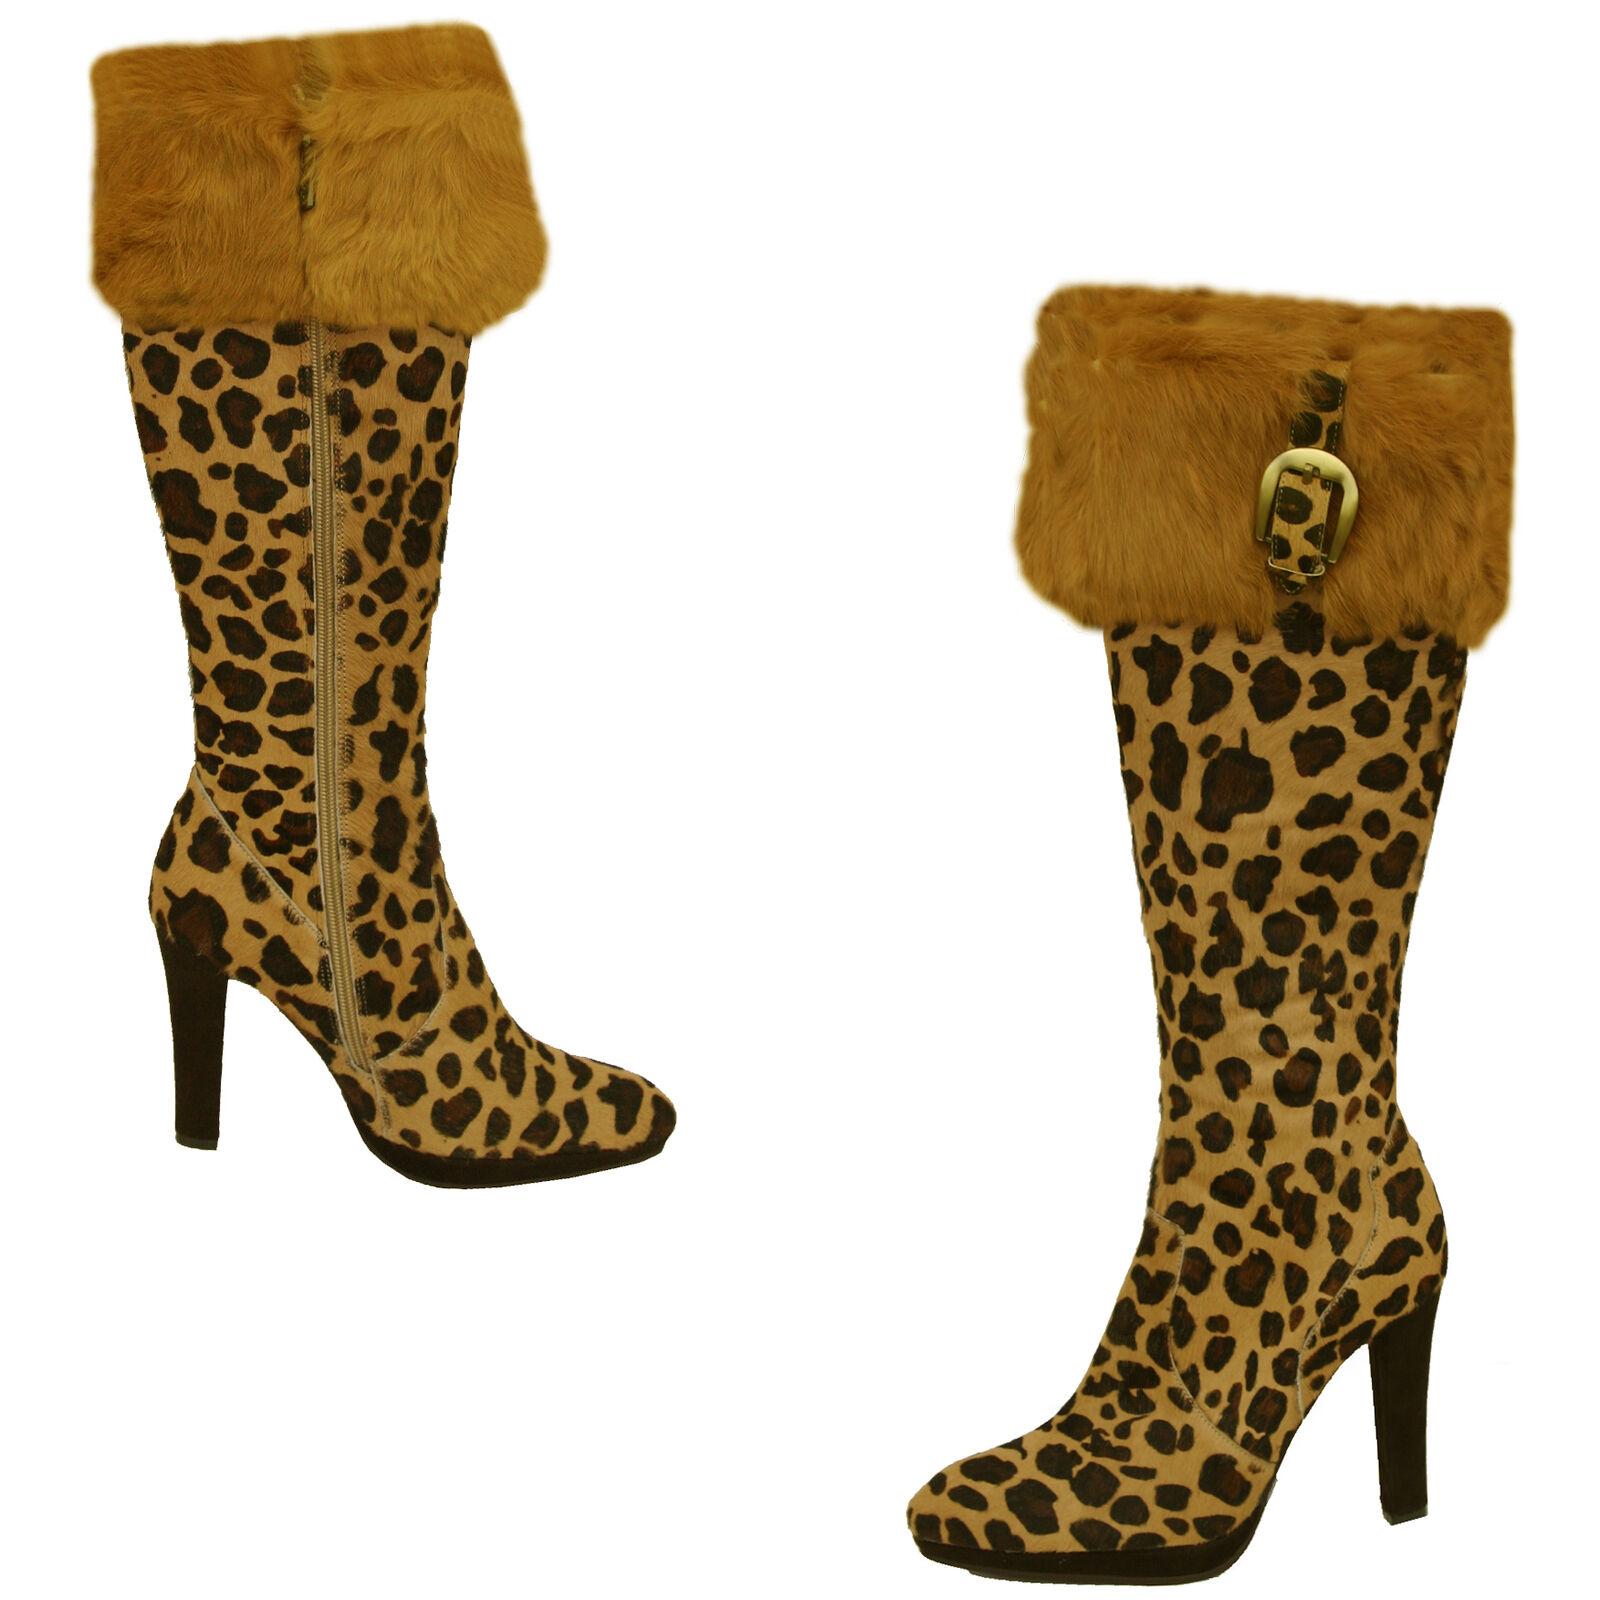 Cochni Alto Vestido Vestido Vestido botas Para Mujeres-Leopardo  ordene ahora los precios más bajos